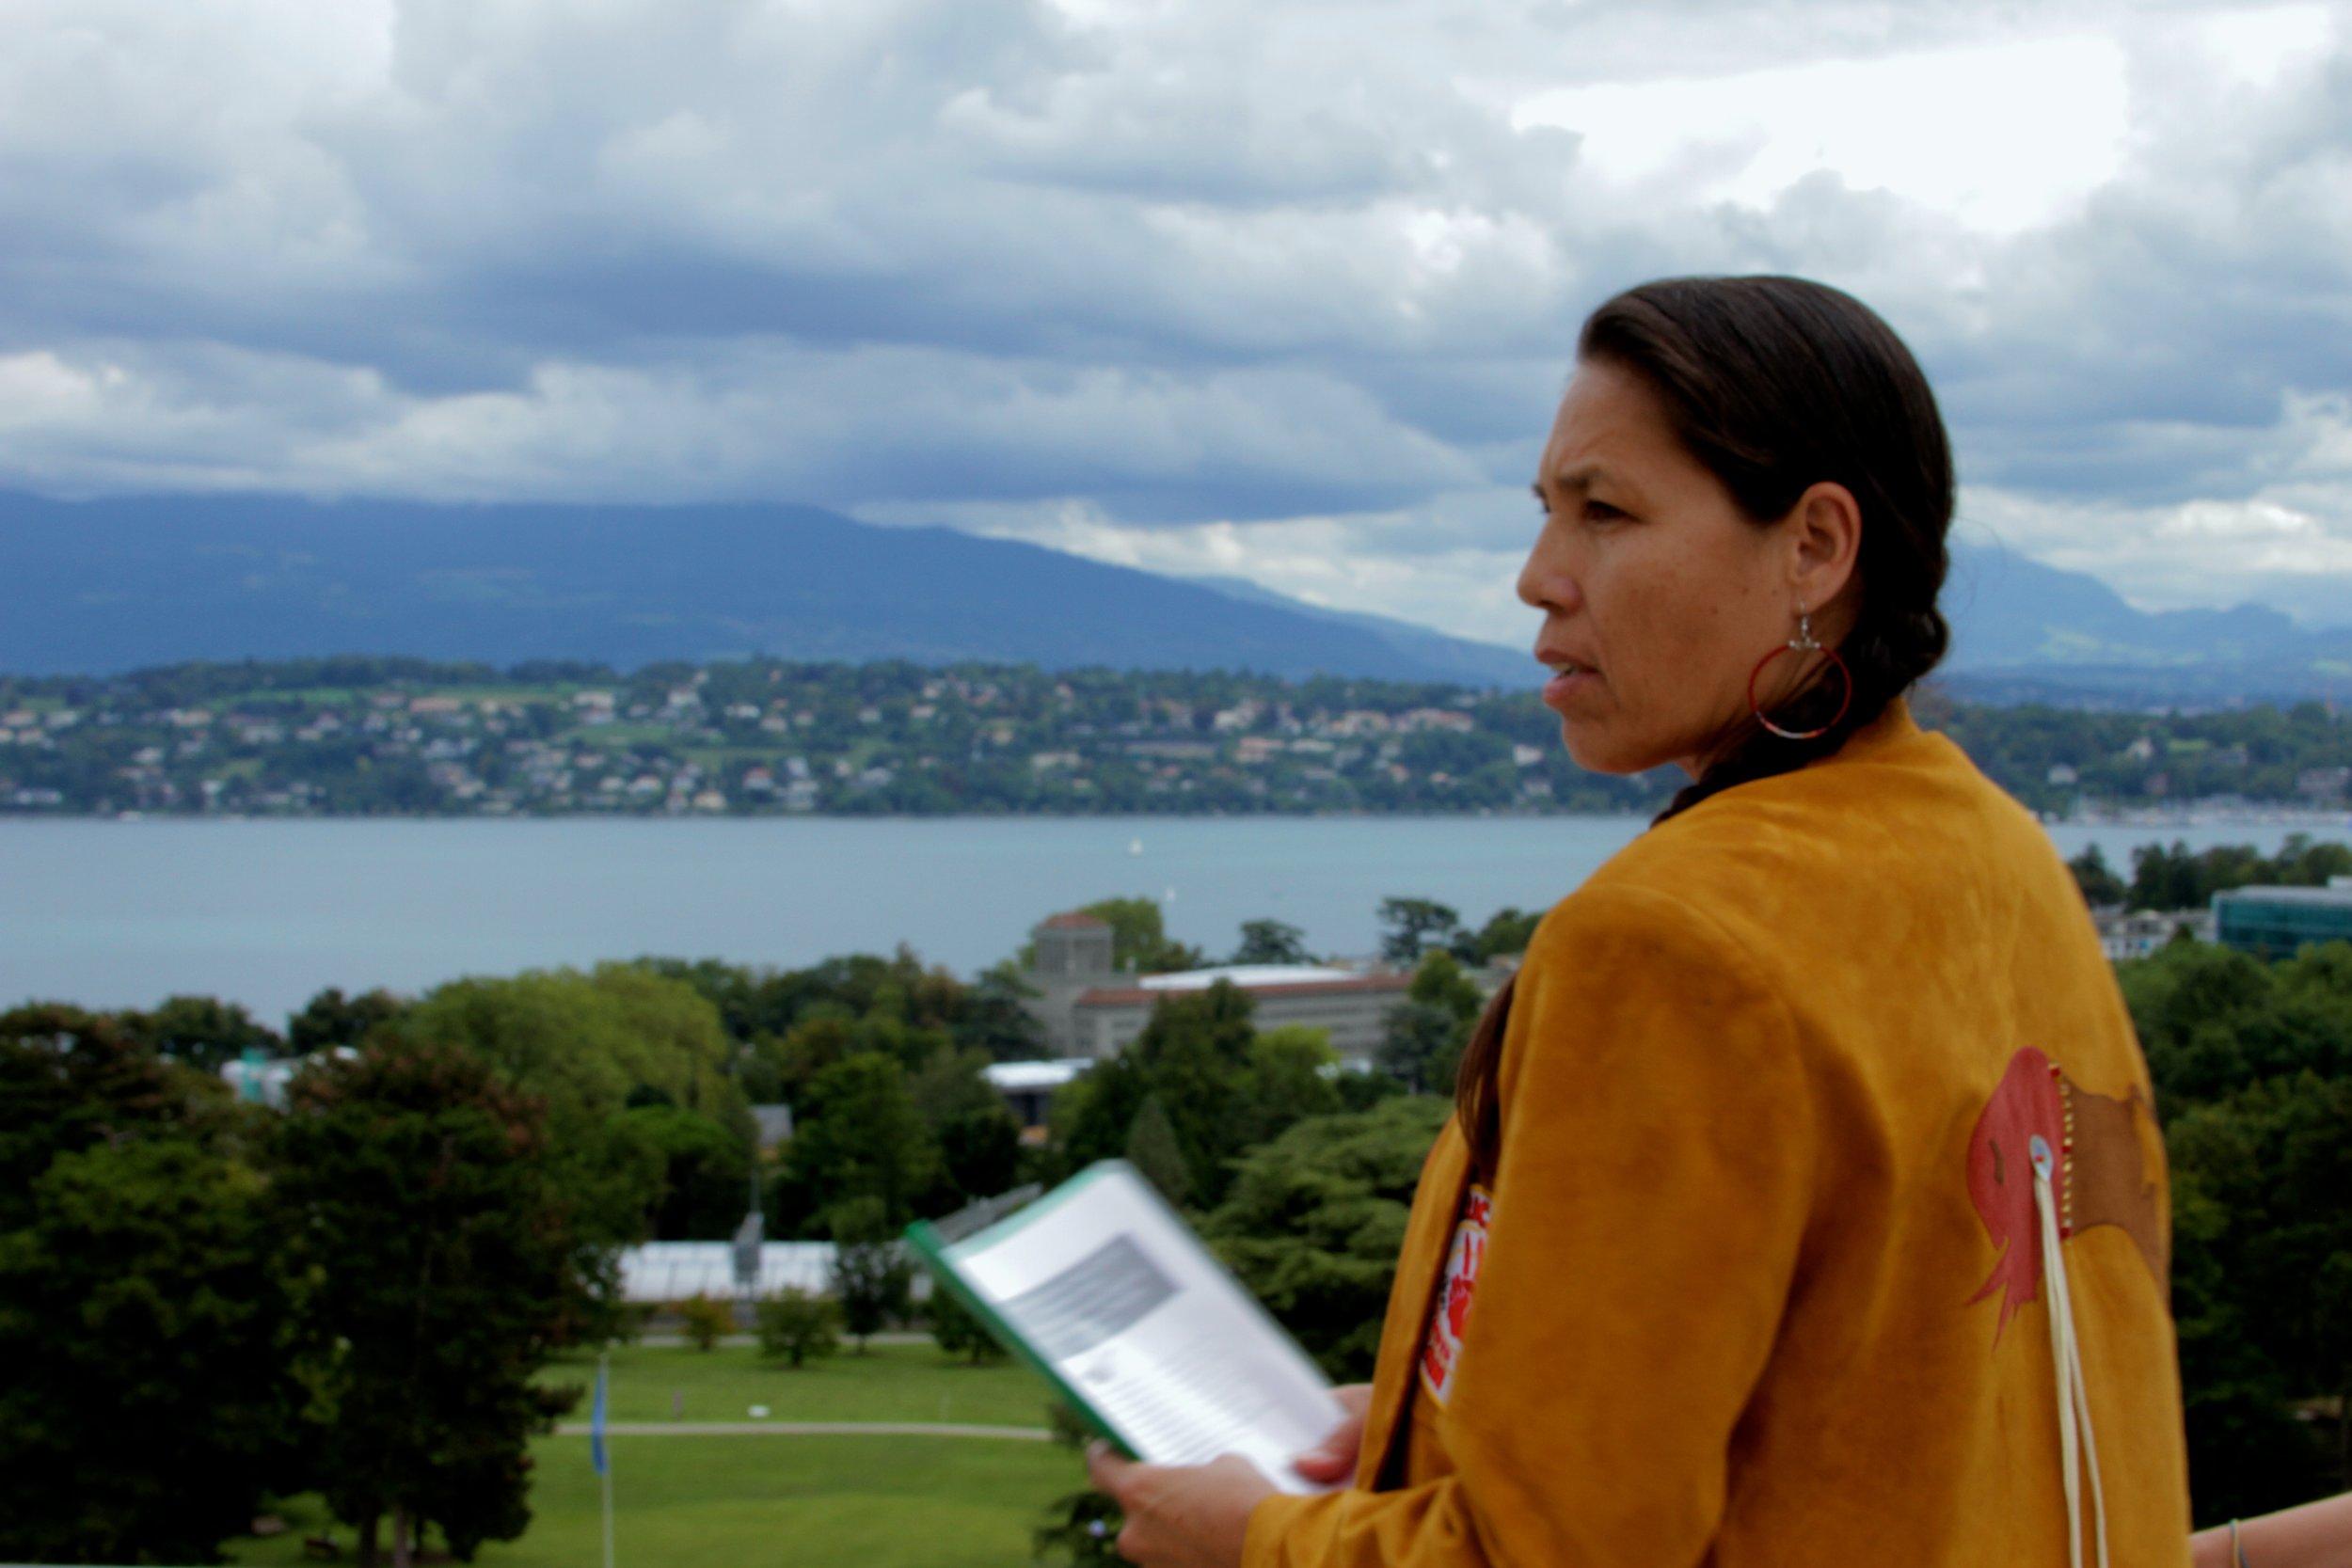 005_Marcy in Geneva.JPG